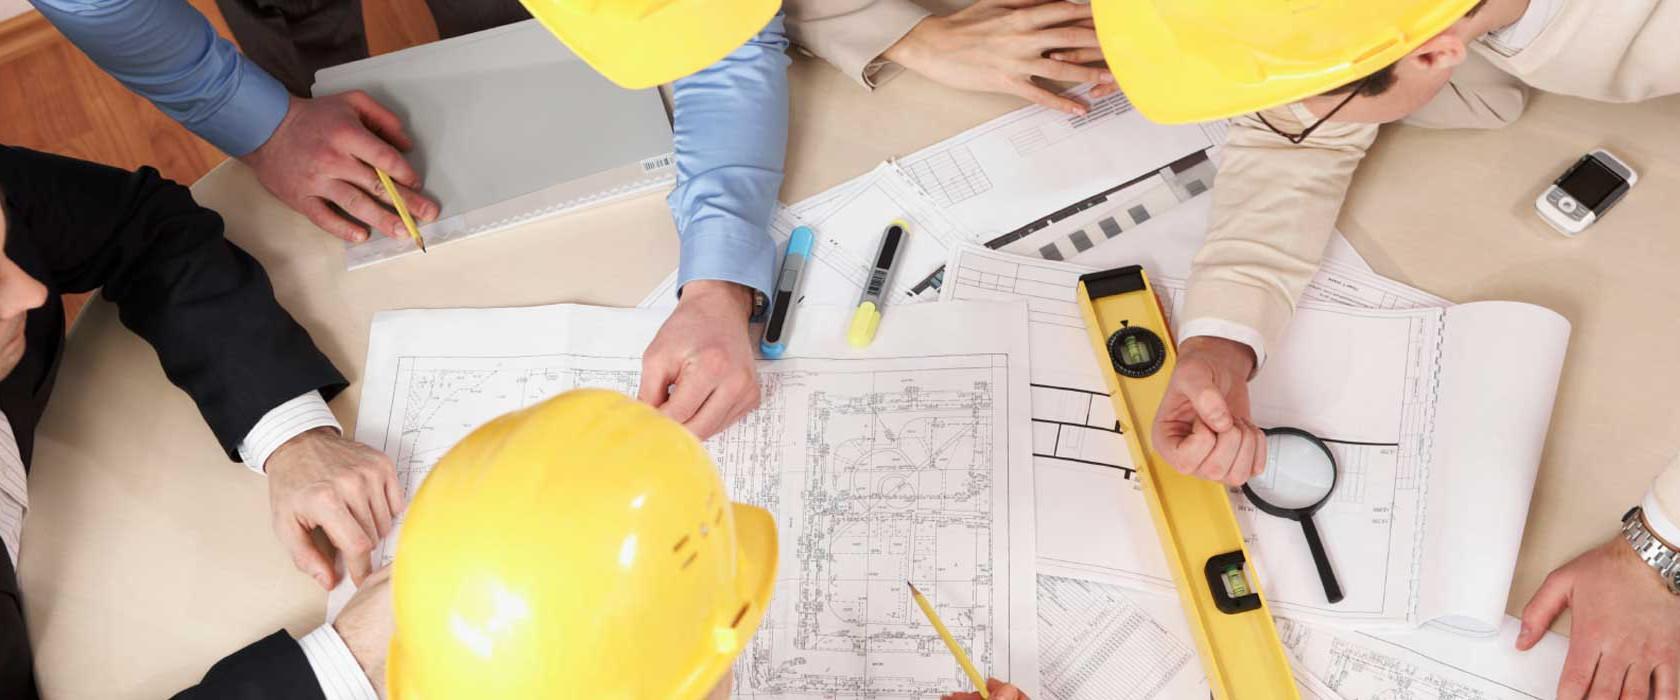 строительная экспертиза что это такое